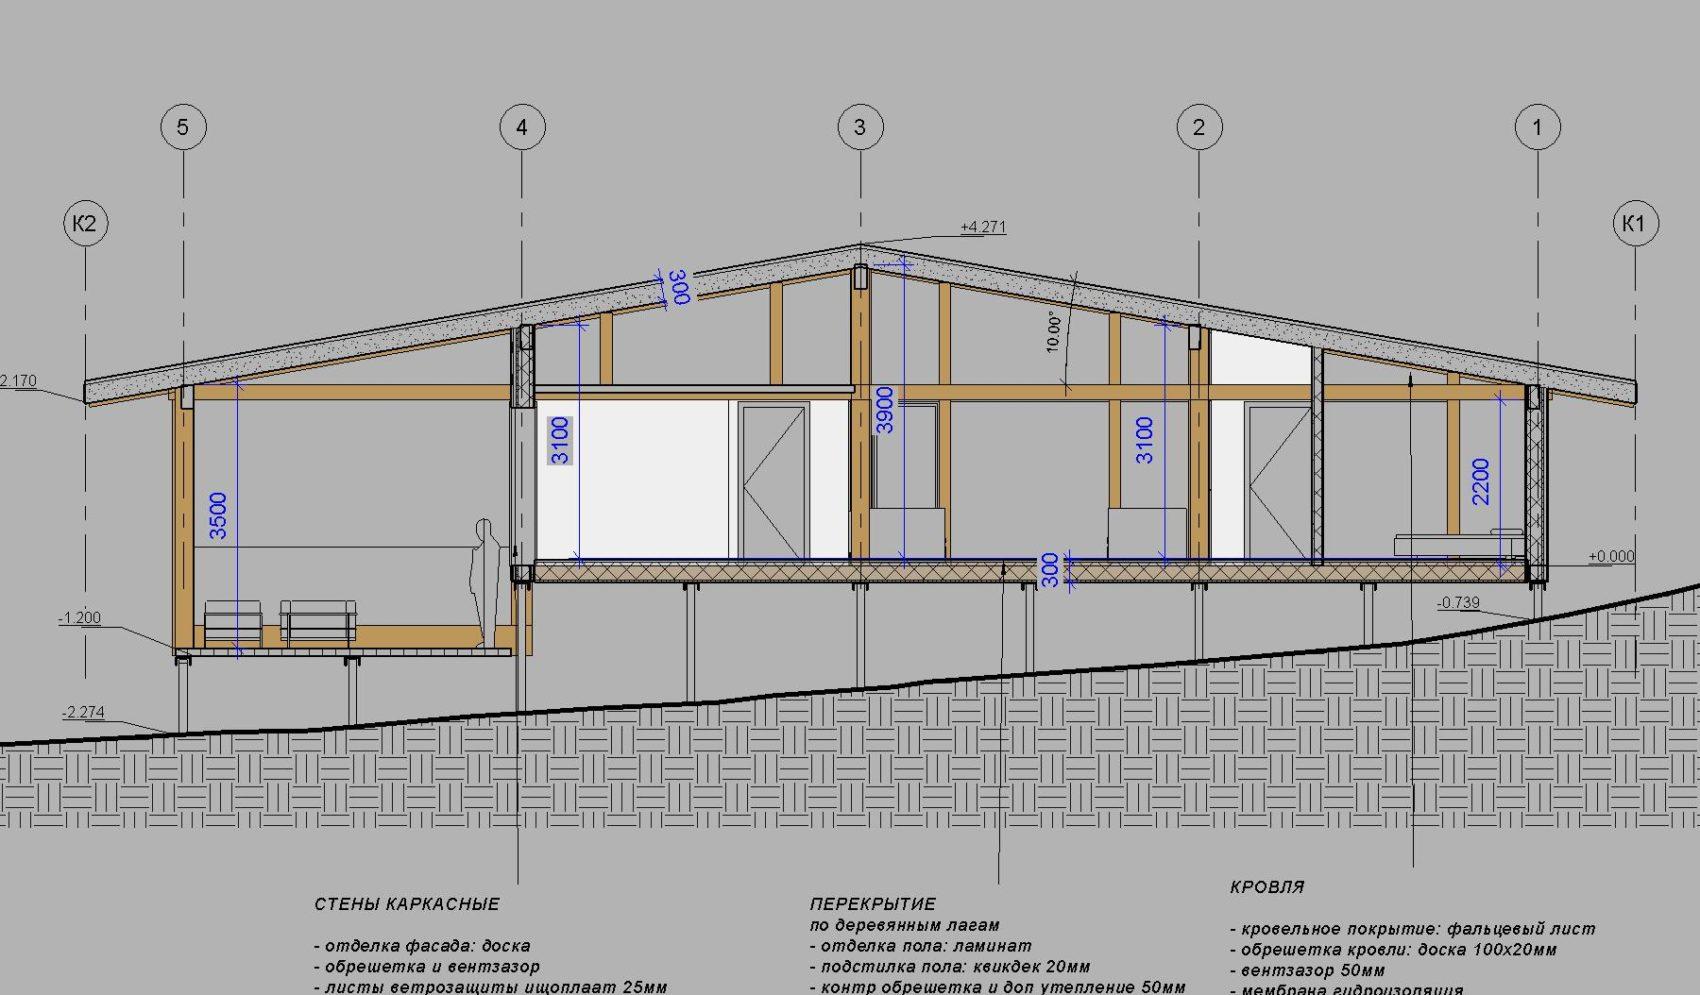 эскизный проект одноэтажного фахверкового дома